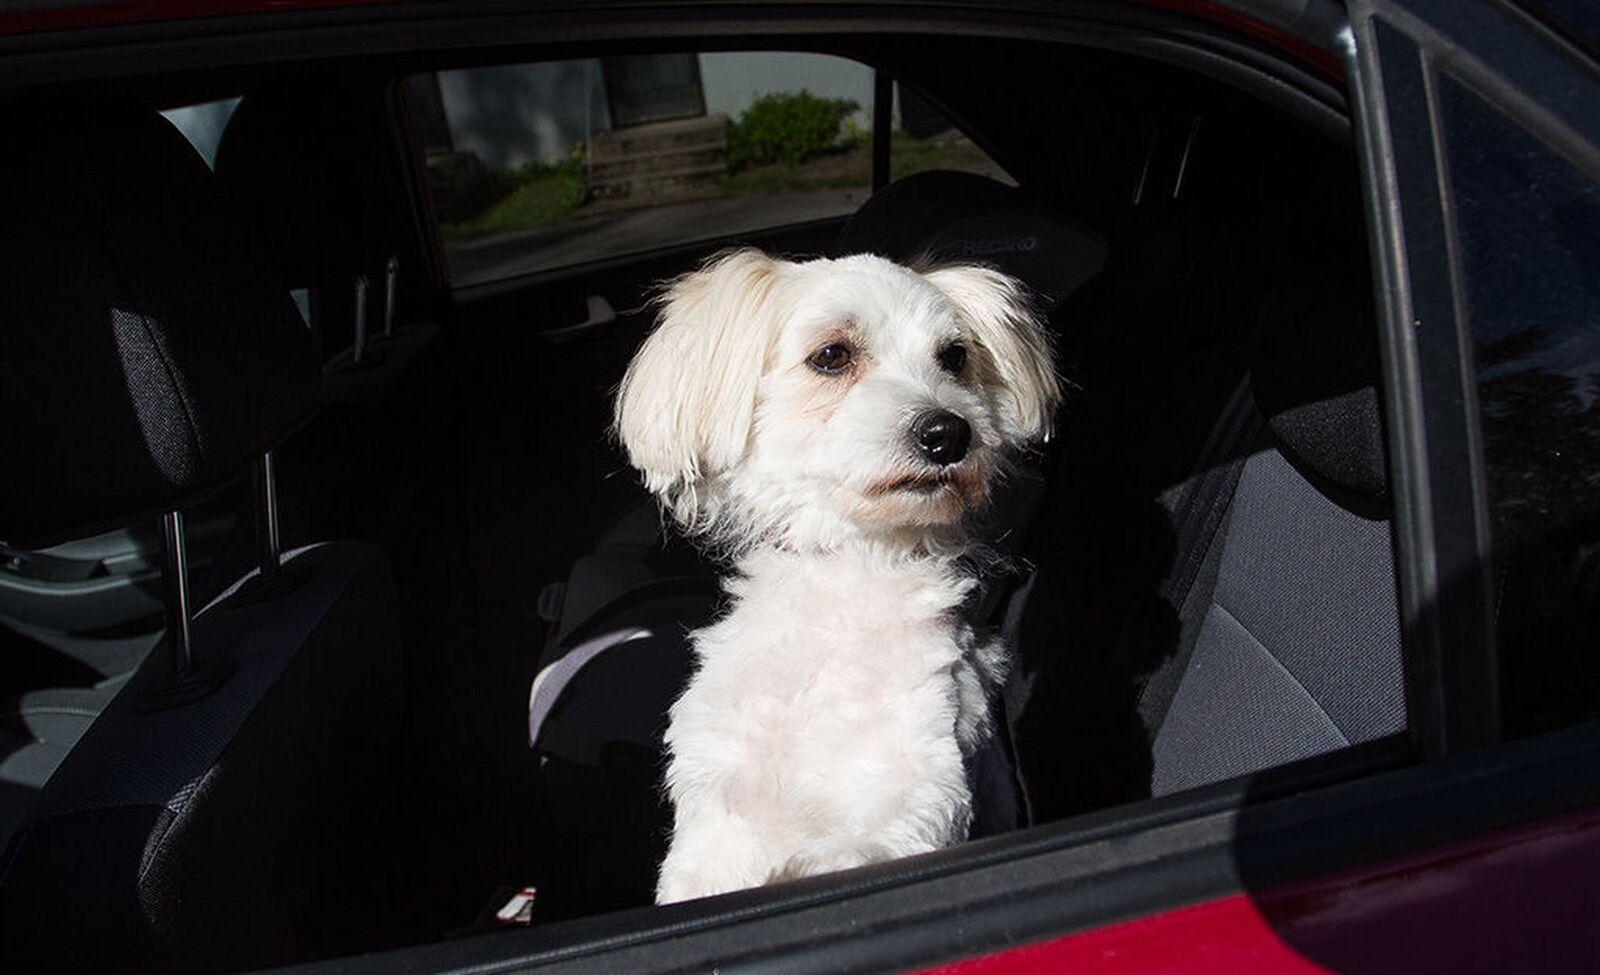 Koira kuumassa autossa? Tässä tapauksessa ikkunan saa rikkoa